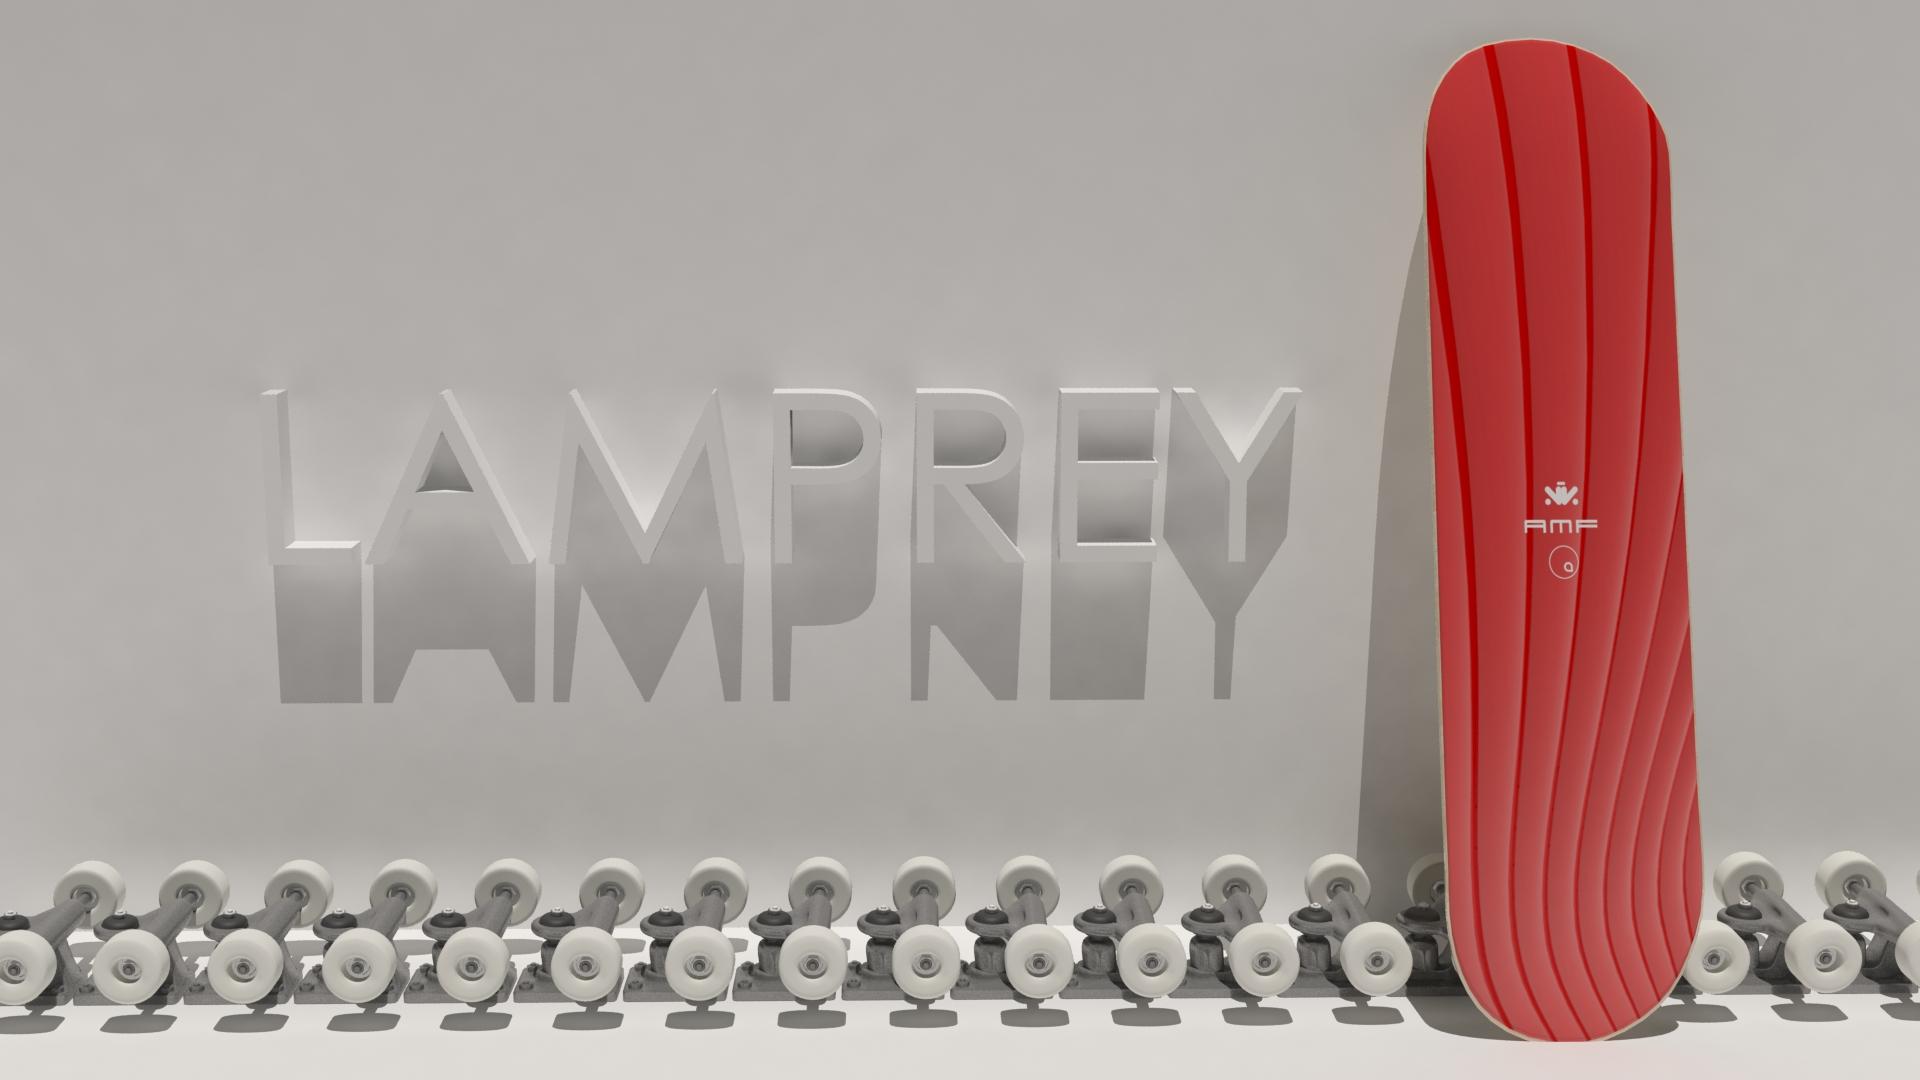 Lampray